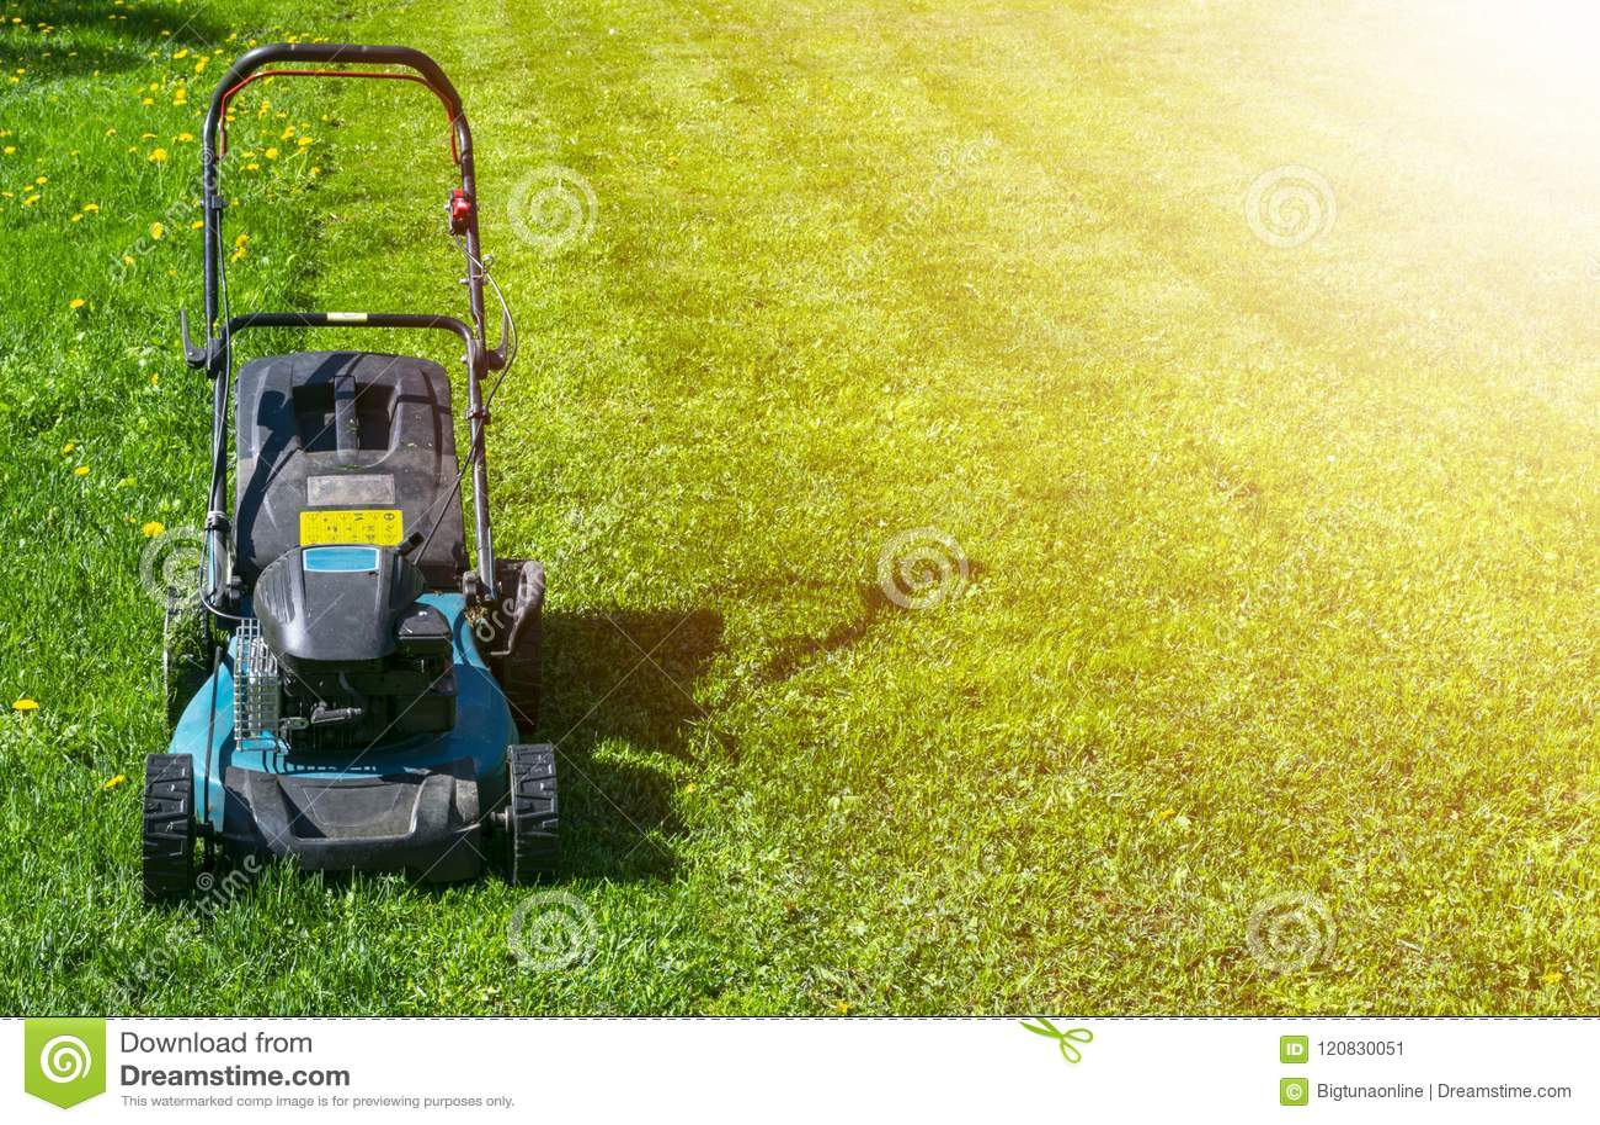 Кося лужайки, травокосилка на зеленой траве, оборудовании травы косилки, кося инструменте работы заботы садовника, конце вверх по